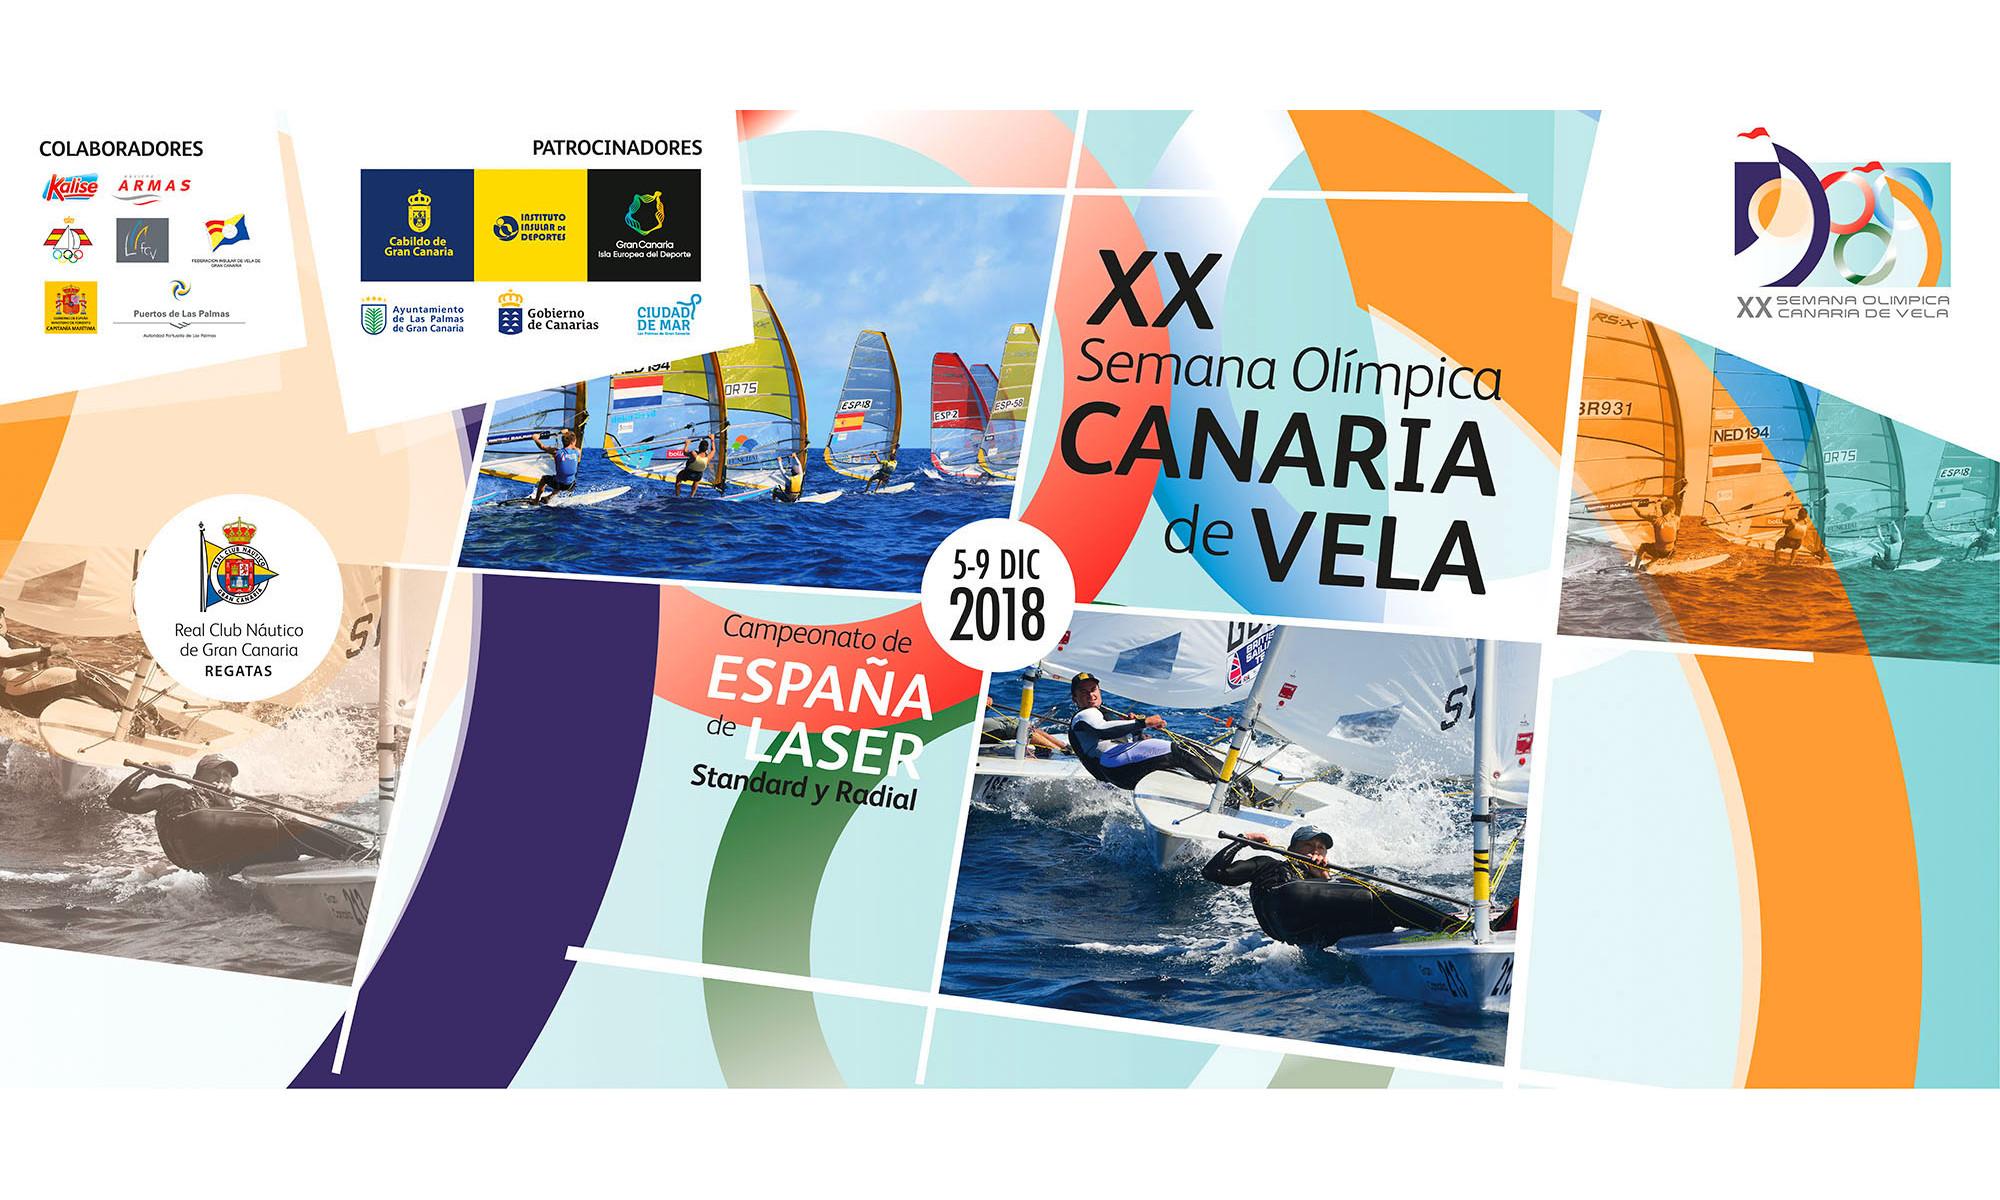 Semana Olímpica Canaria de Vela 2018